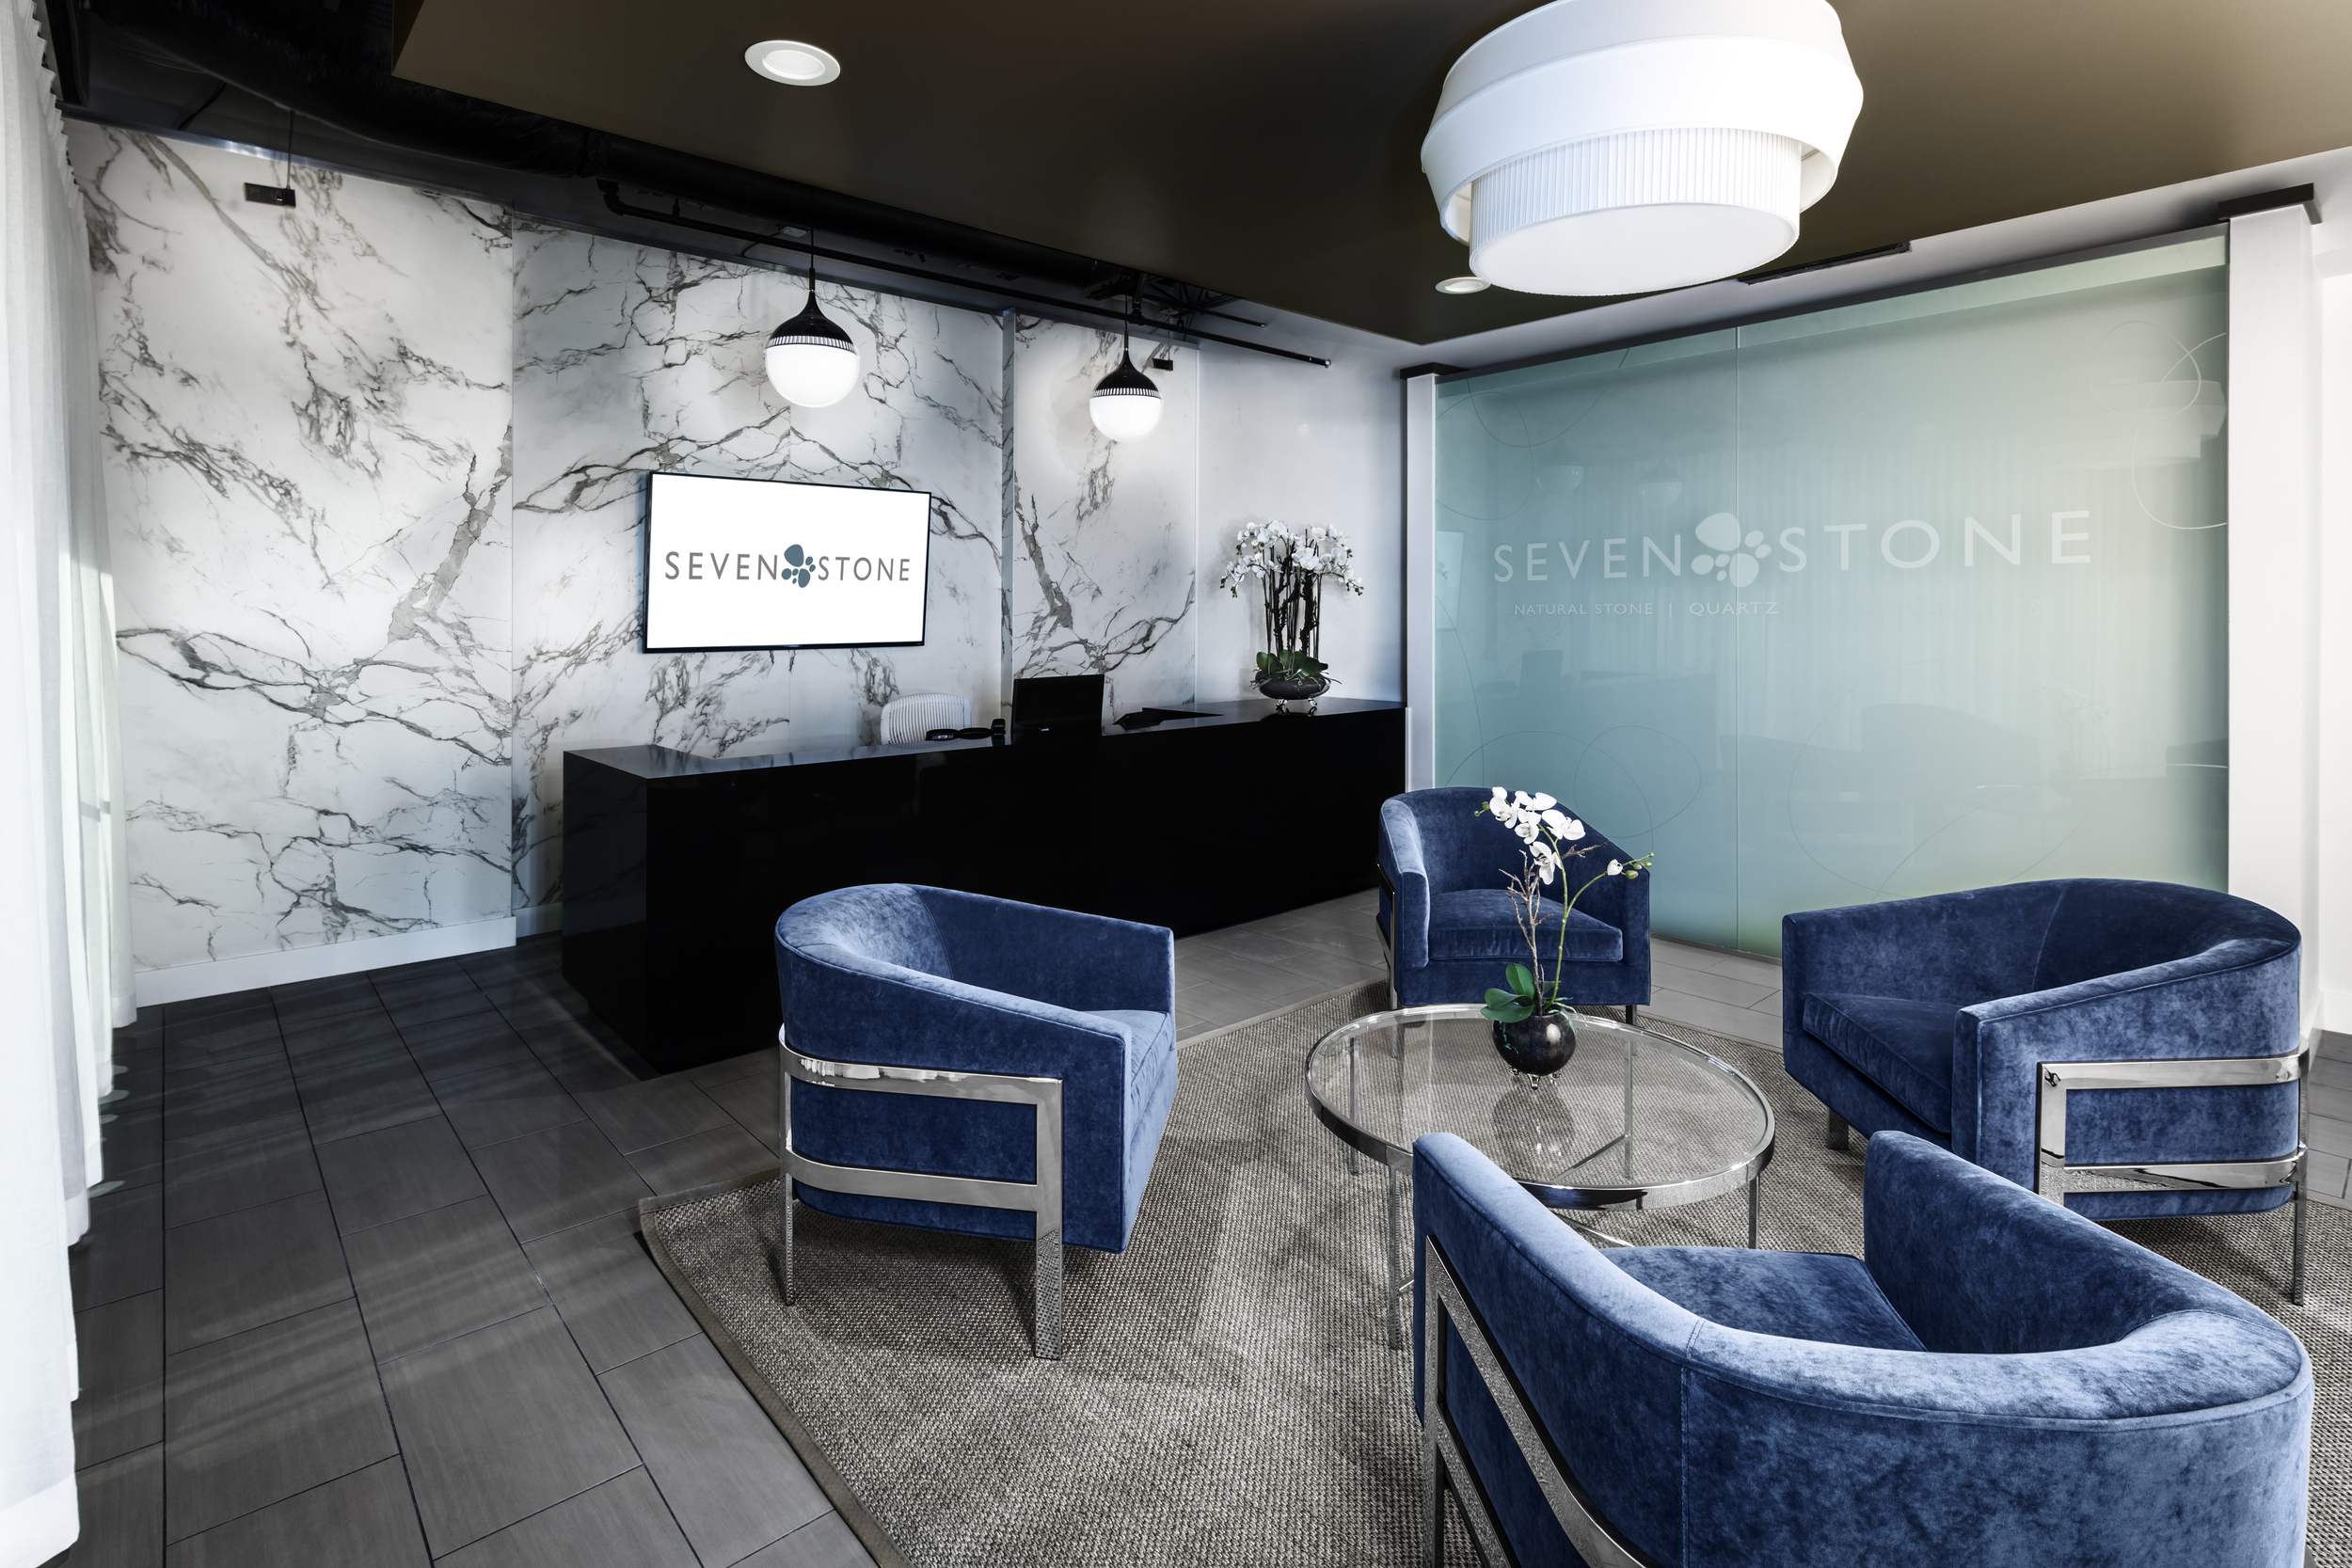 Seven Stone Corportate HQ Lobby in Atlanta, GA